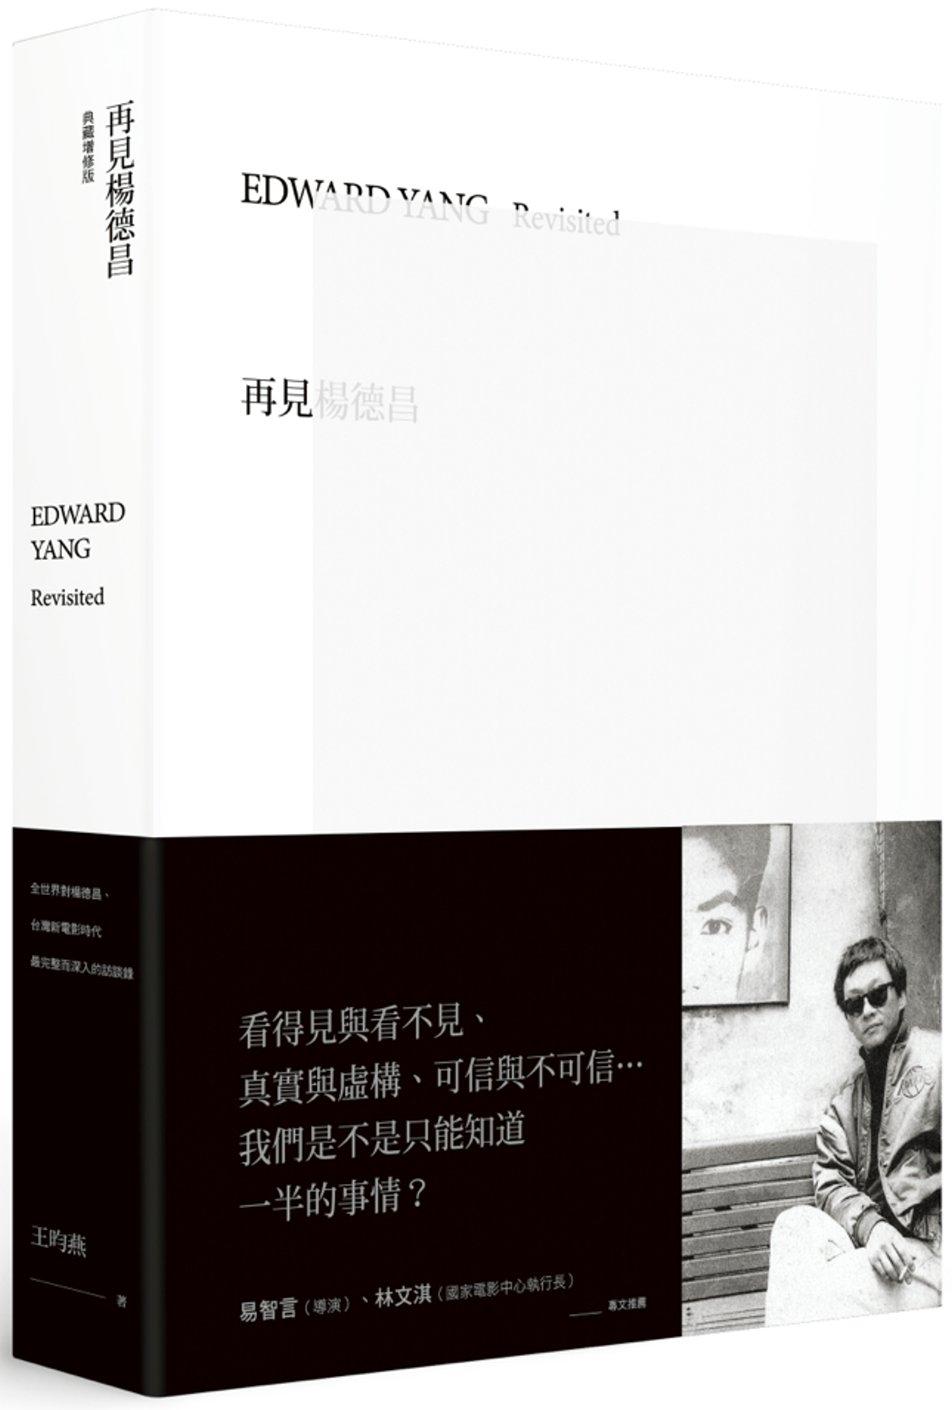 再見楊德昌(典藏增修版)